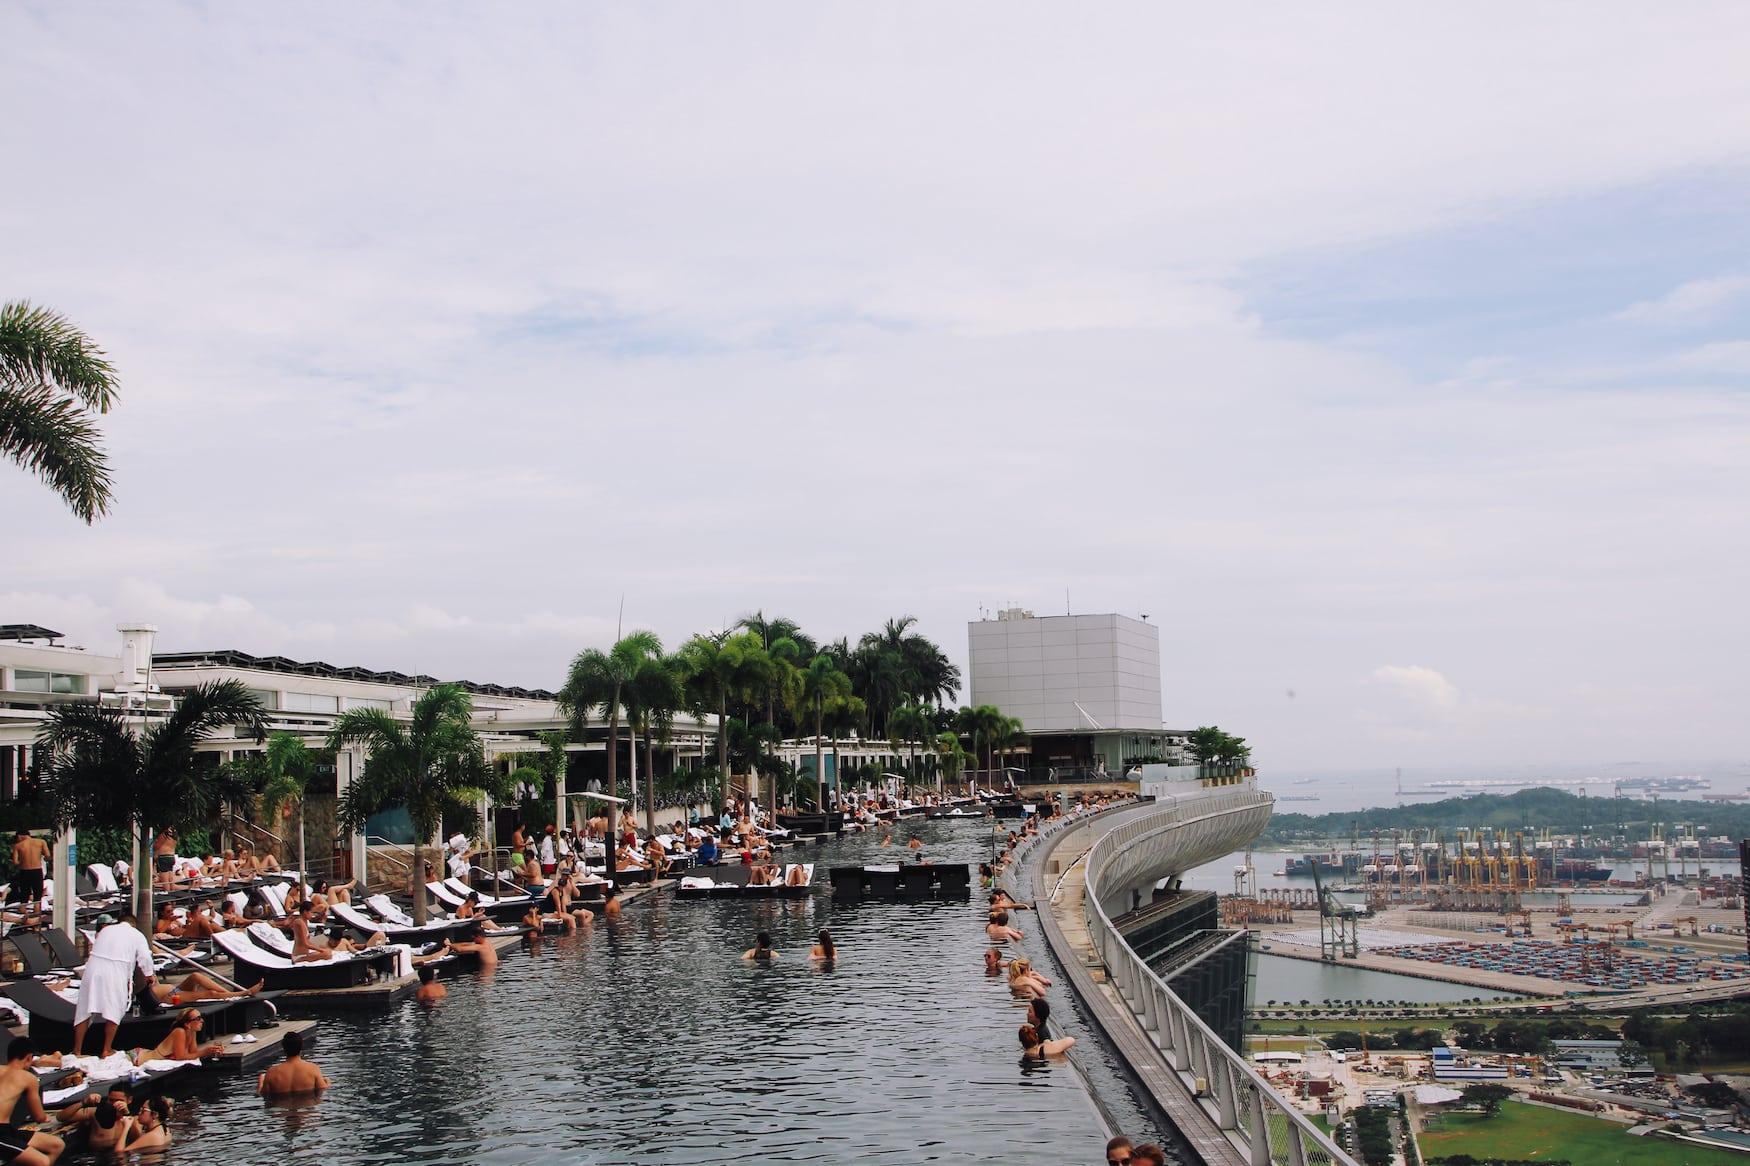 Menschen schwimmen im Infinity Pool auf dem Dach des Marina Bay Sands, eine der Sehenswürdigkeiten in Singapur